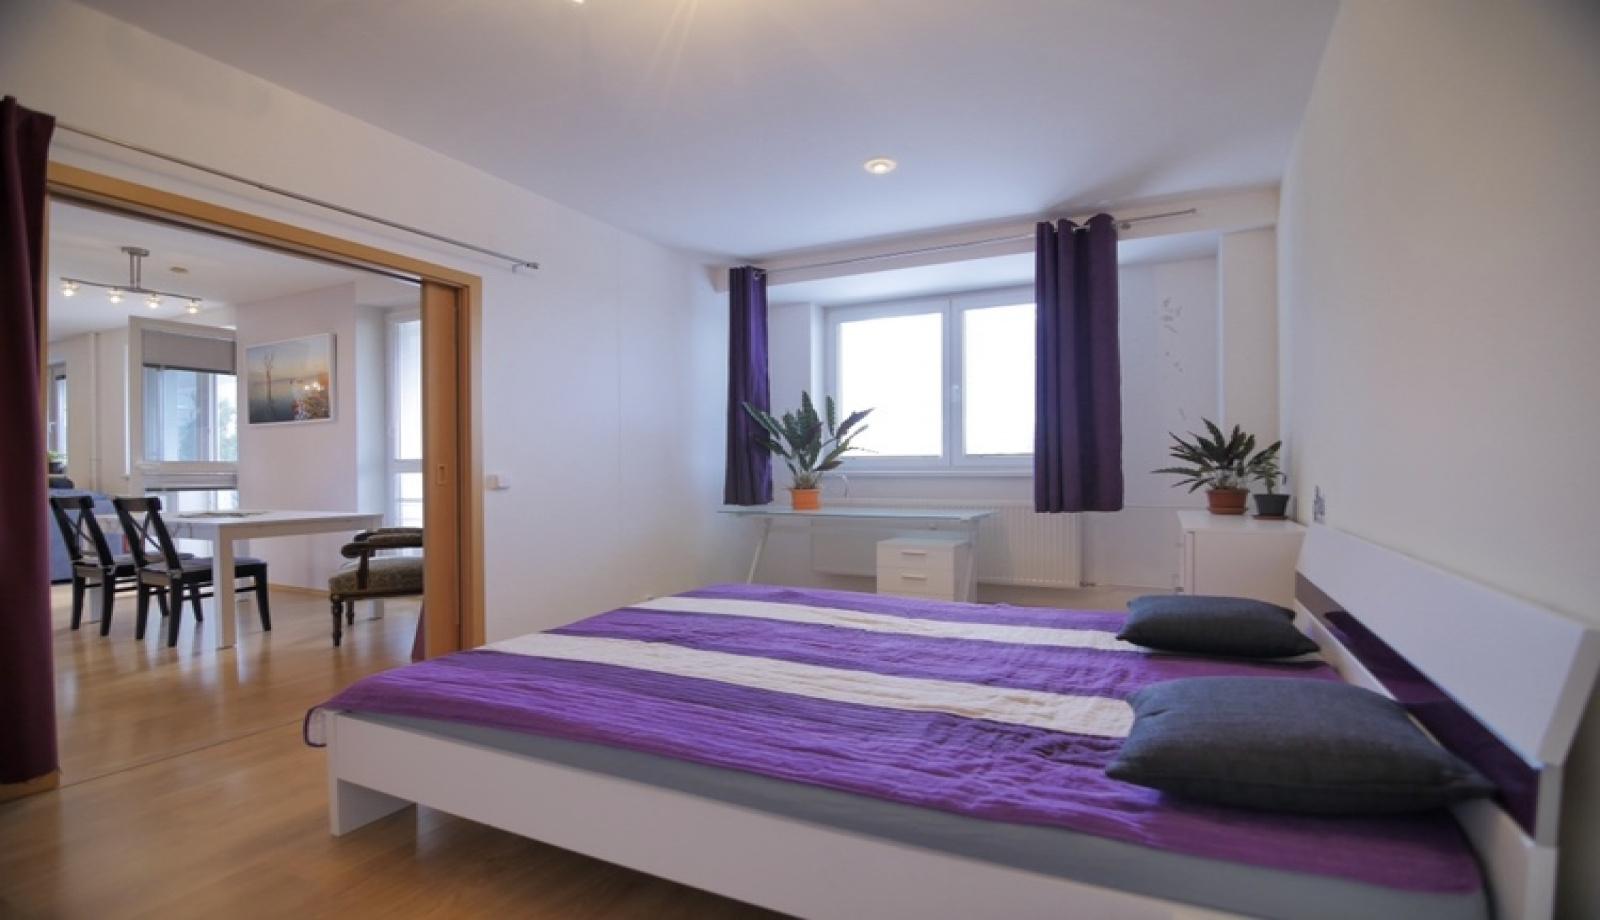 Pálavského Náměstí, Brno, 2 Bedrooms Bedrooms, ,2 BathroomsBathrooms,Byt,Na prodej,Pálavského Náměstí ,1045